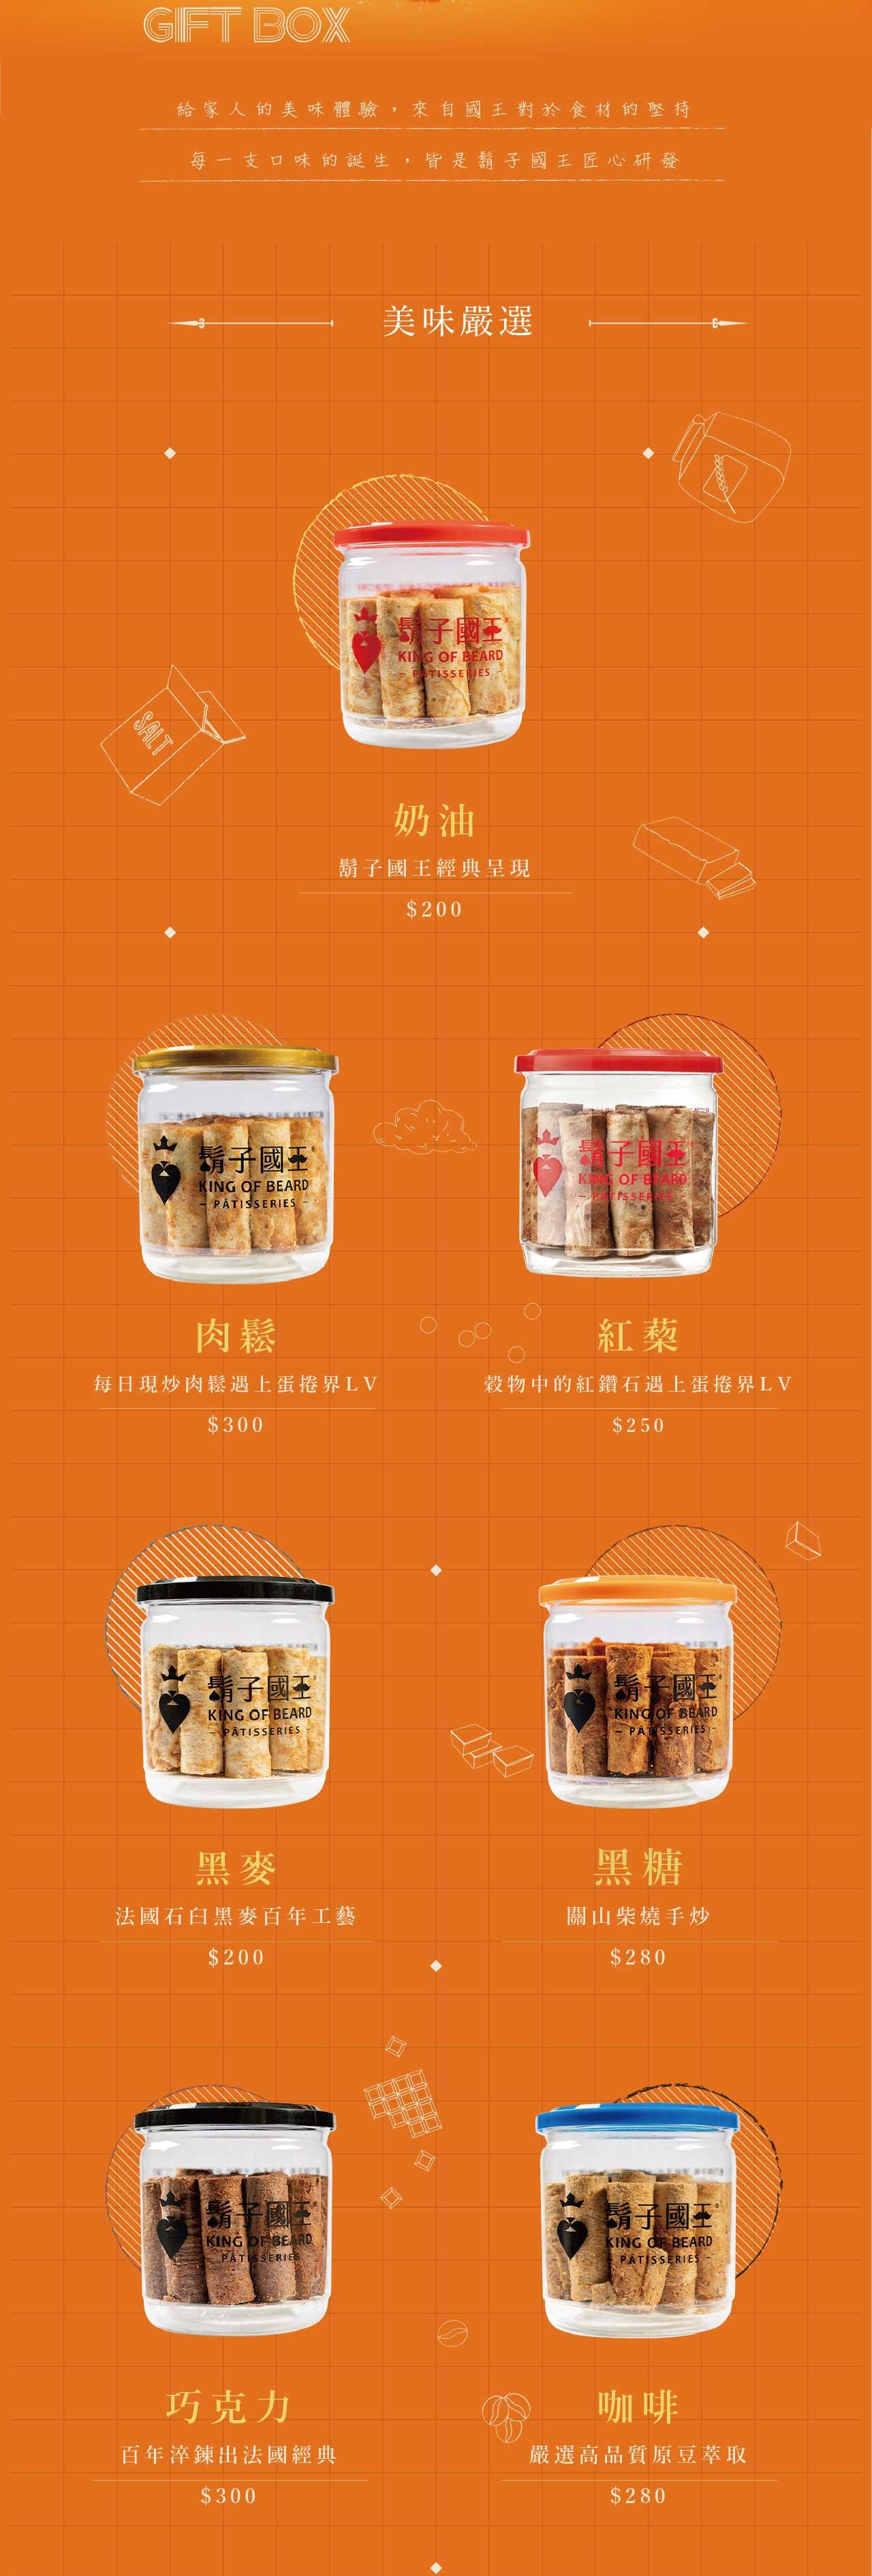 鬍子國王-輕巧隨手瓶-3罐裝禮盒